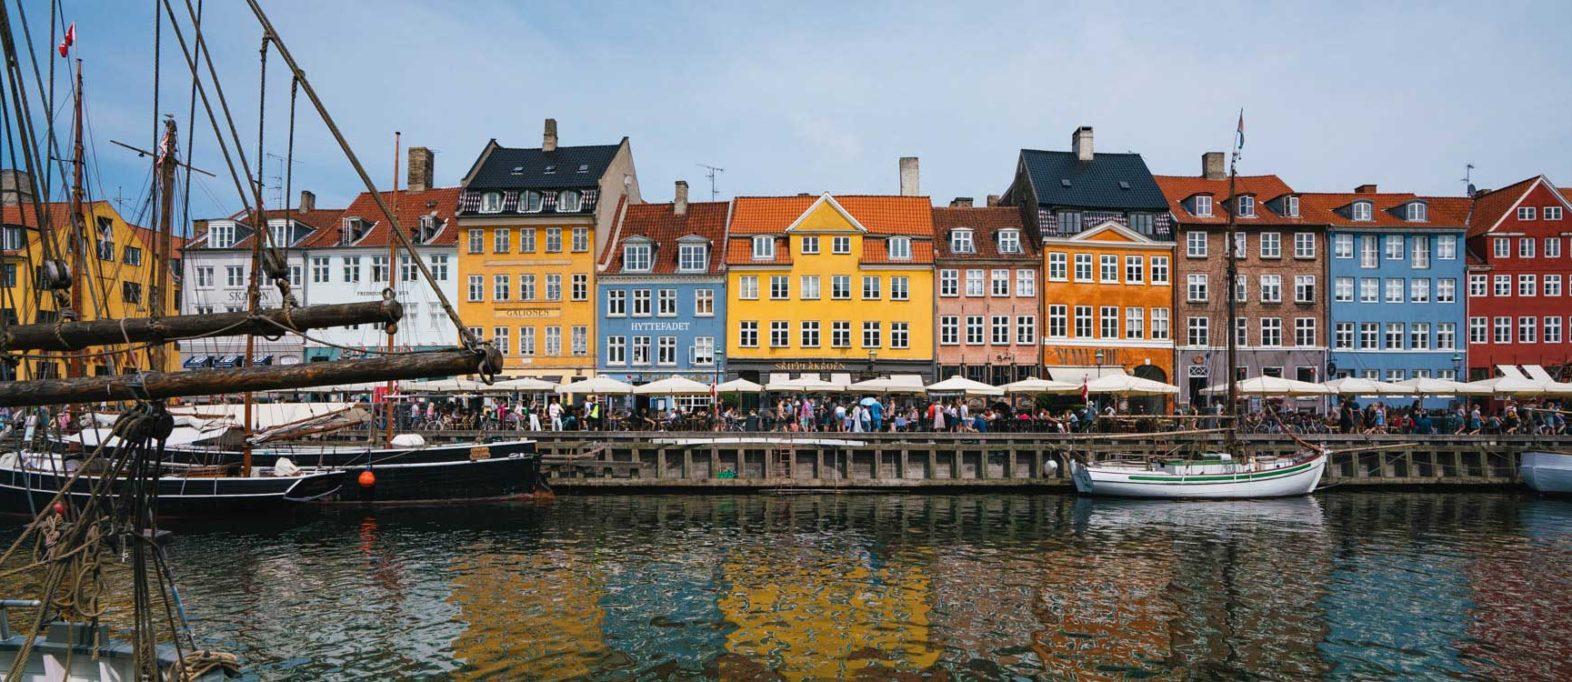 Nyhavn Kopenhagen Attraktion